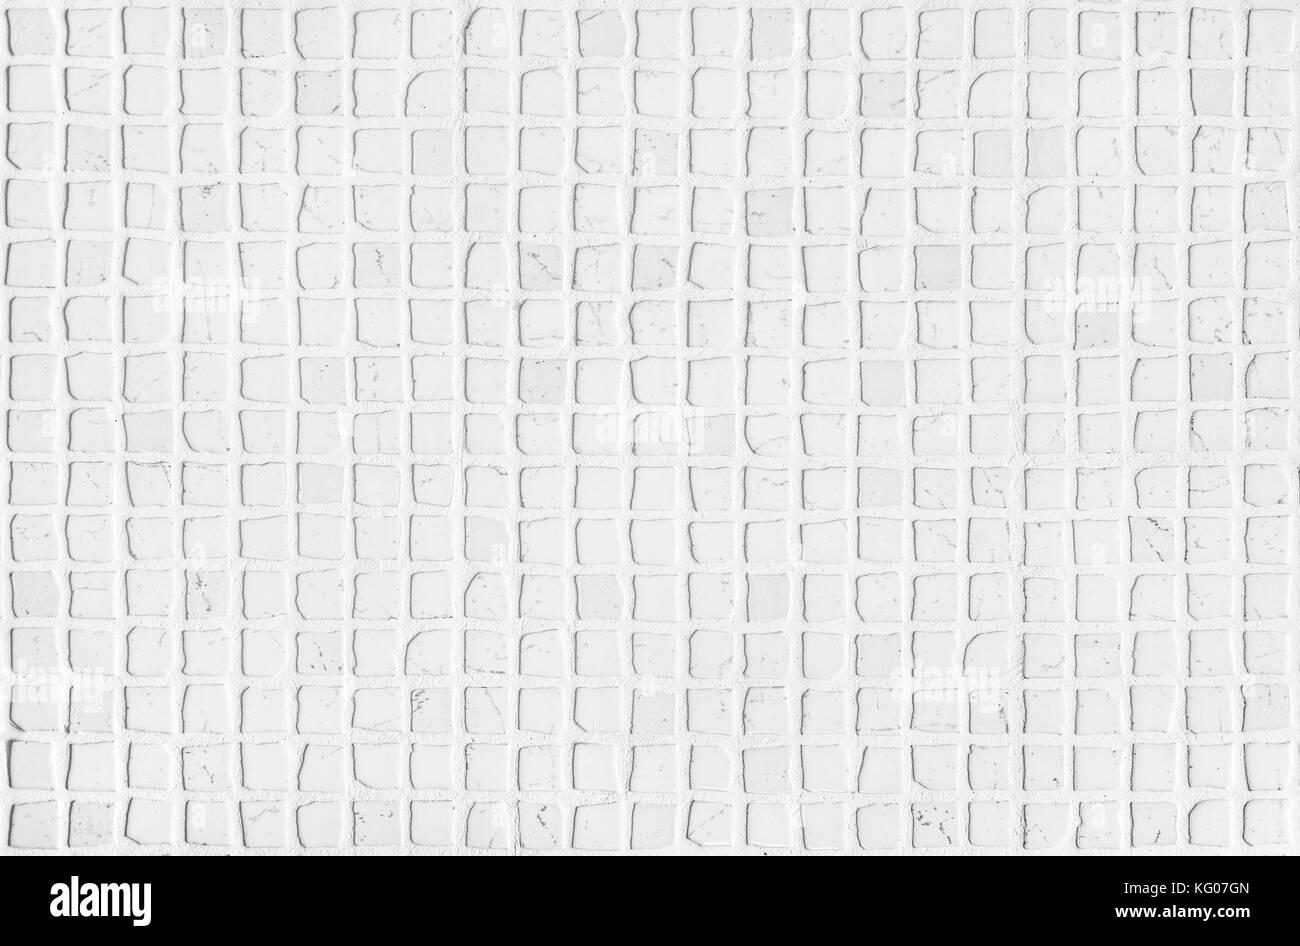 Weißer Carrara Marmor Mosaik Fliesen Tageslicht Oberflächenstruktur Für Bad  Oder Küche Wände Oder Arbeitsplatte